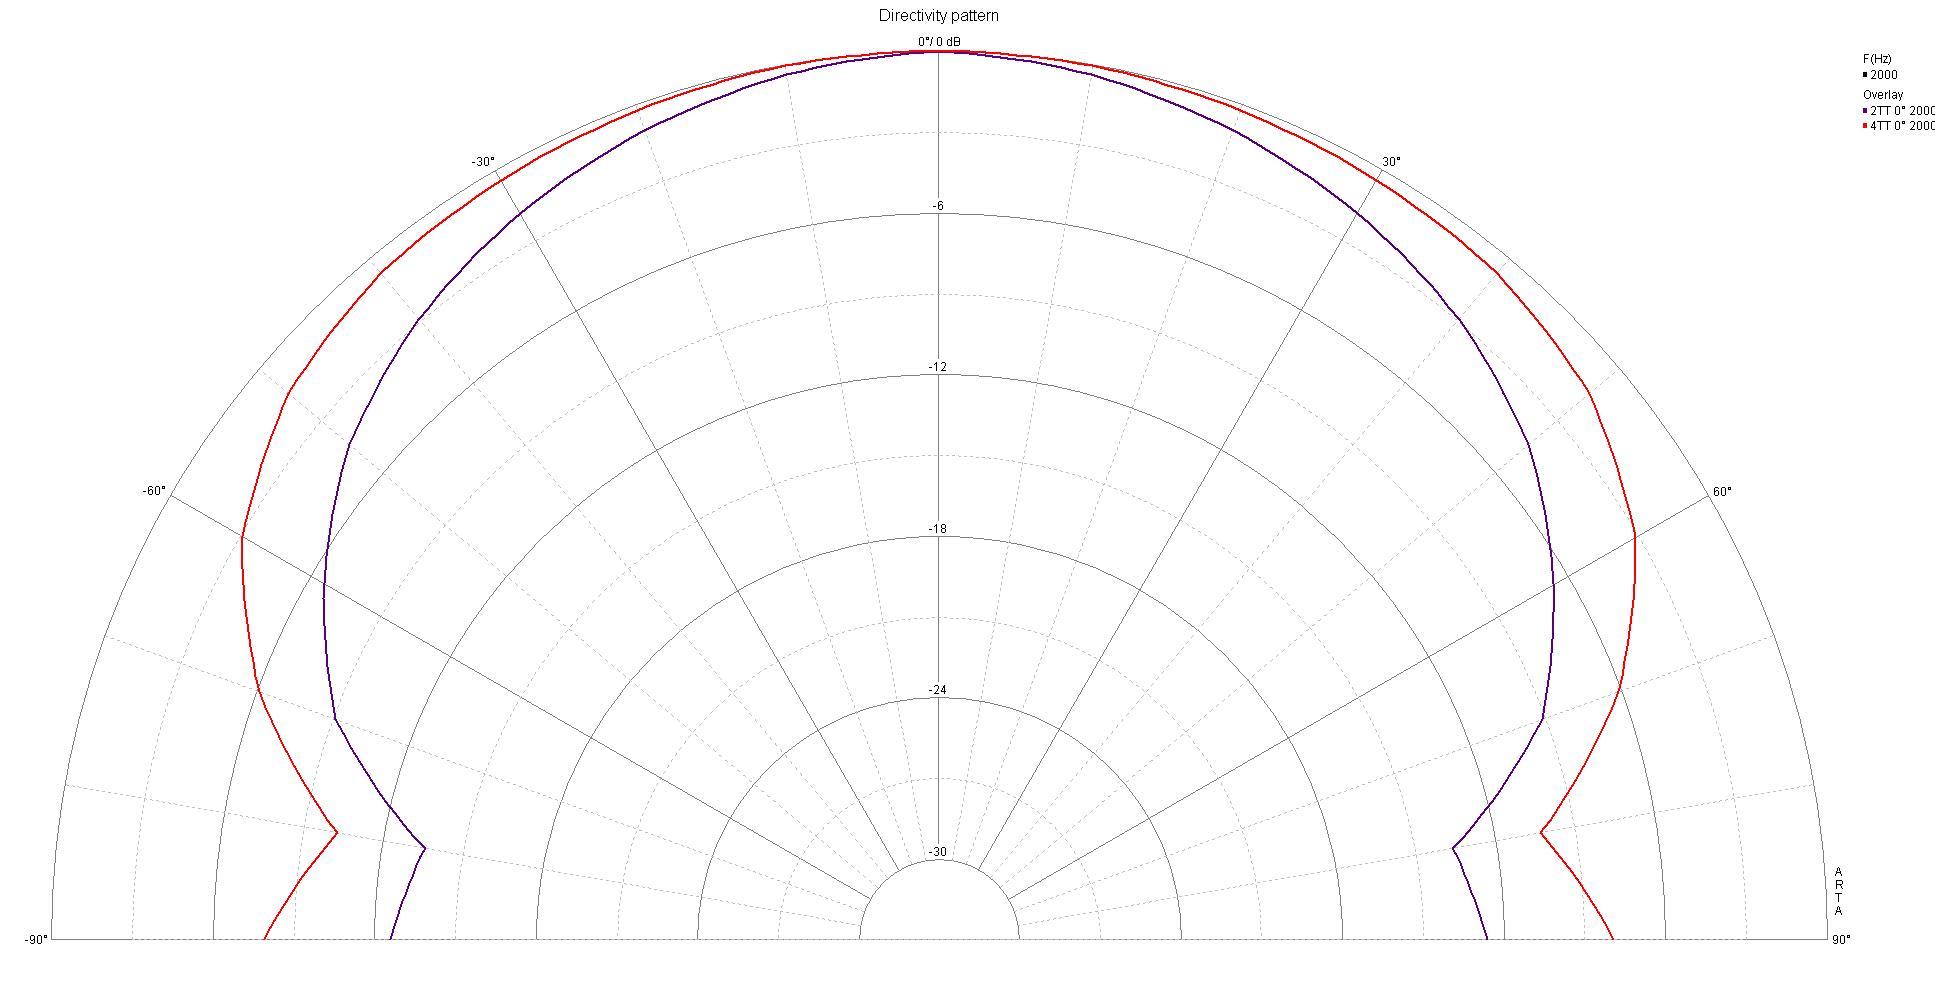 polardiagramm+2000Hz+2TT+vs.+4TT+bei+0°_+BW18+30db+range+1-3glättung+10°+schritte+0-90